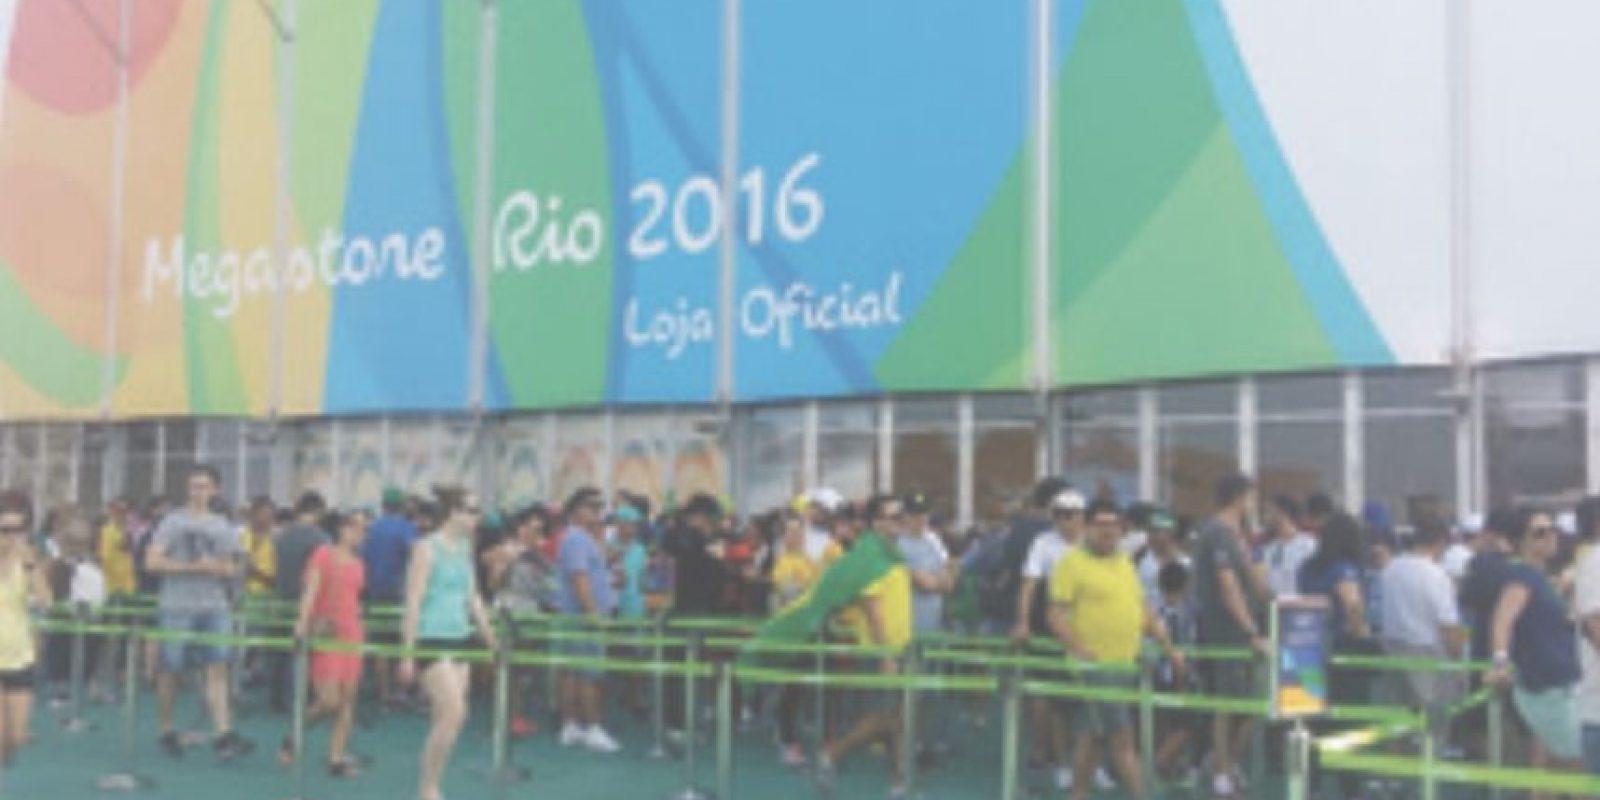 En el Parque Olímpico tiene que esperar hasta para comprar recuerdos Foto:Metro Río